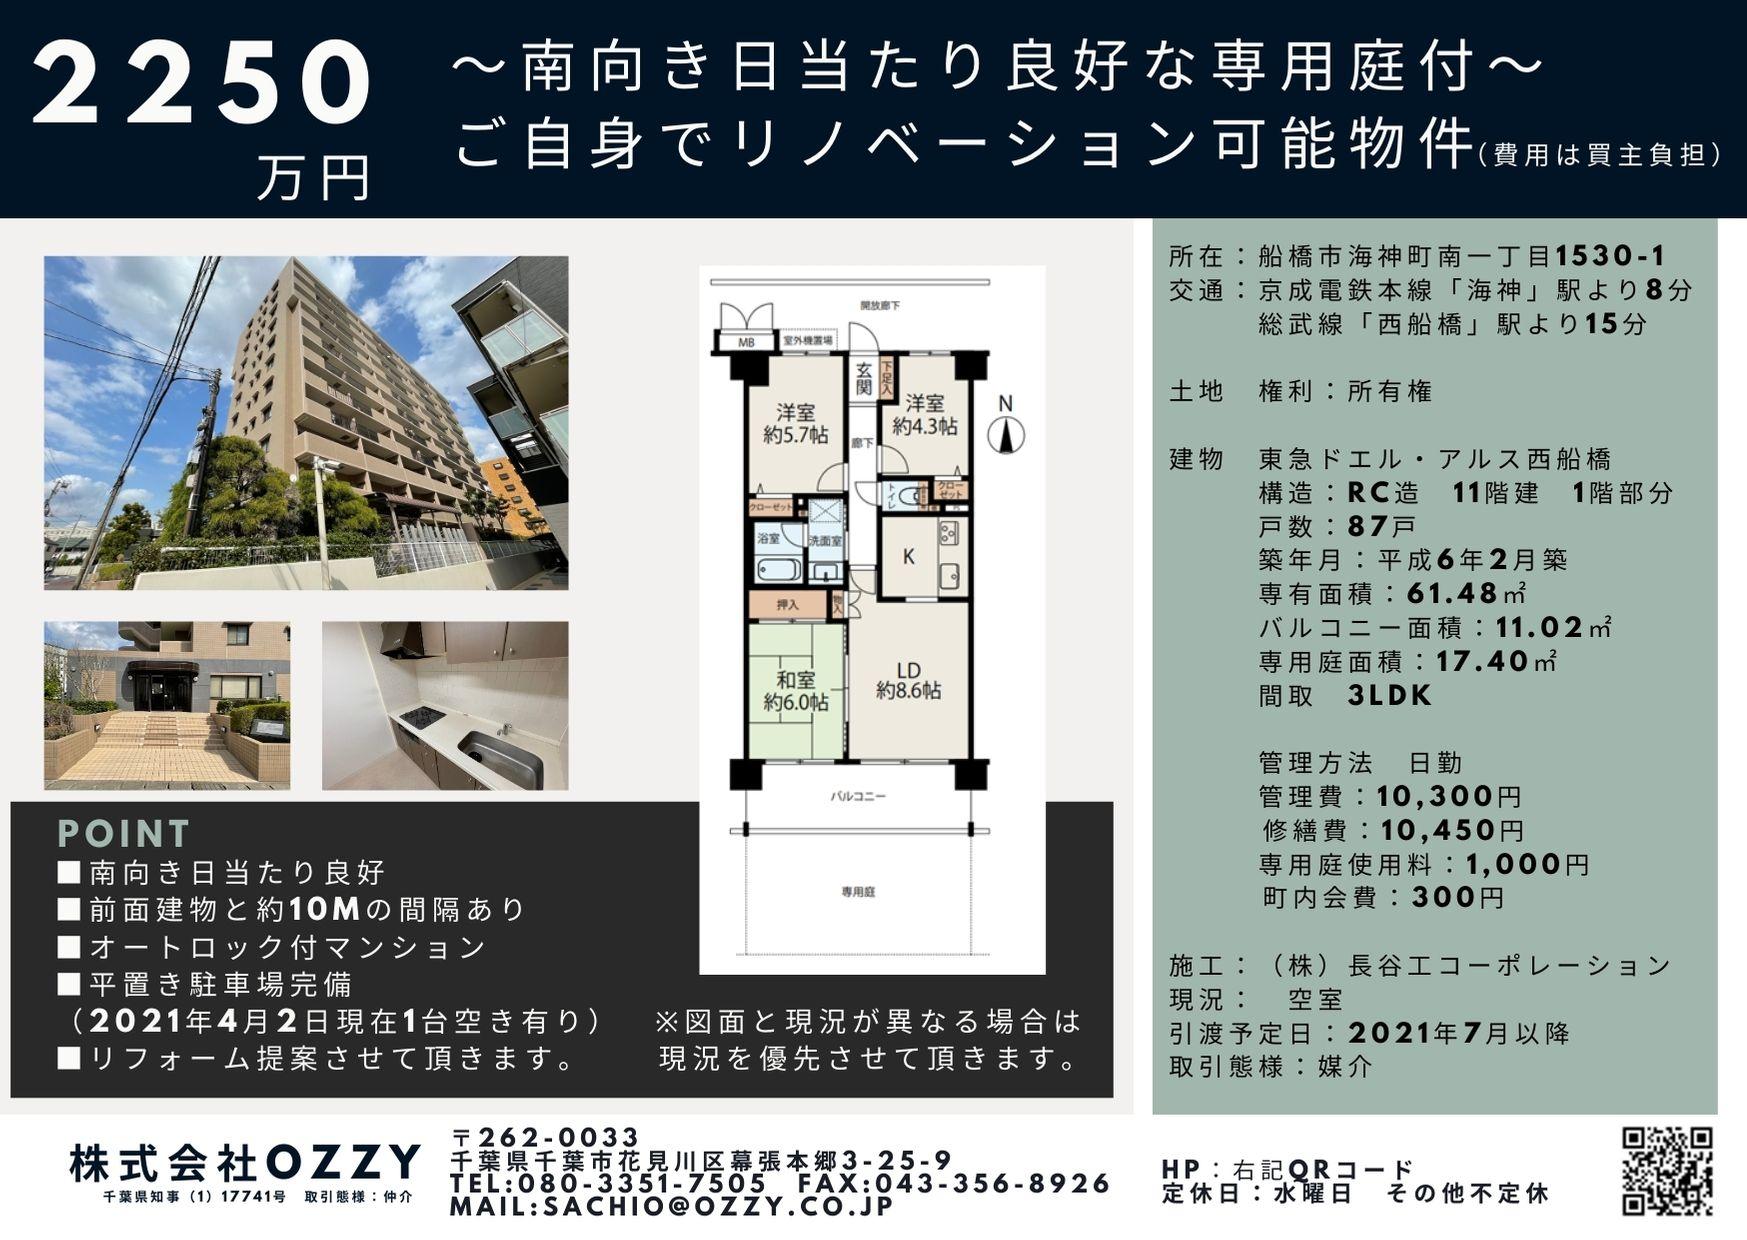 西船橋、海神マンション、1階専用庭付。リノベーション可能物件。page-visual 西船橋、海神マンション、1階専用庭付。リノベーション可能物件。ビジュアル